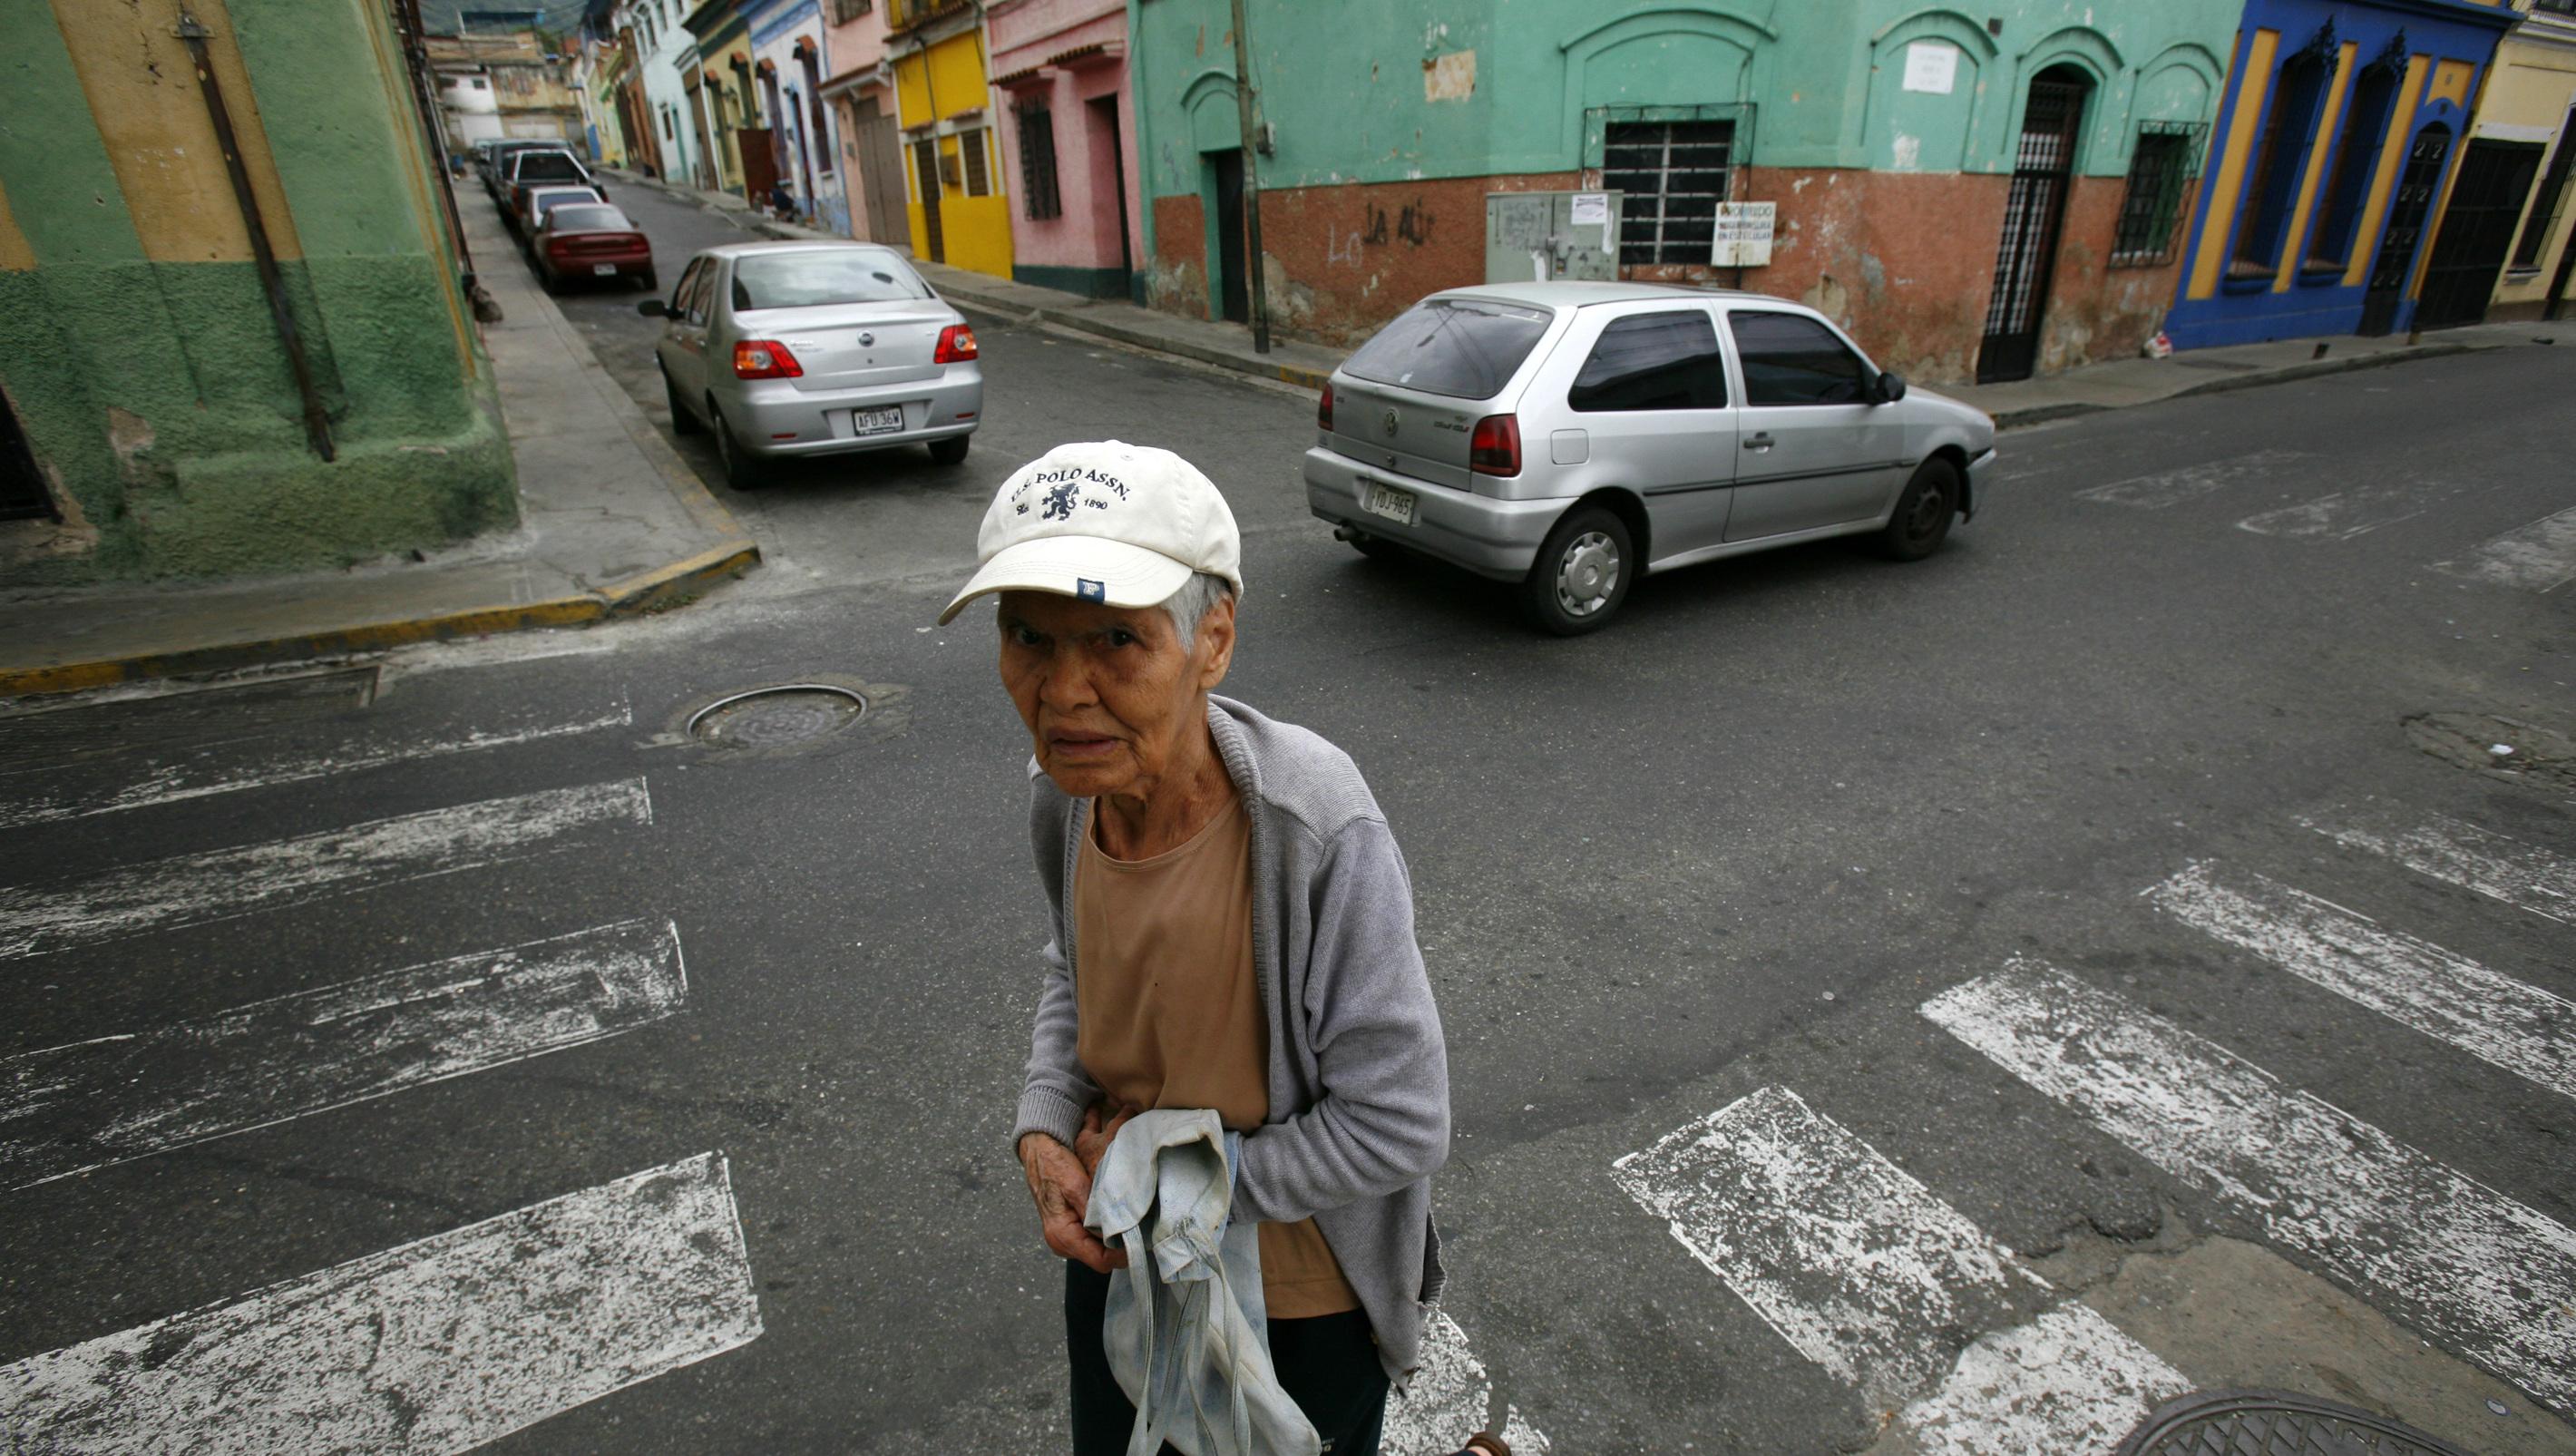 Durante el paseo por las calles de La Pastora, numerosos vecinos paran a la encargada de Fundapatrimonio en la zona, Jacqueline Mogollón, para exigir que arreglen sus casas mientras ella lamenta el retraso de los nuevos recursos prometidos para el proyecto.